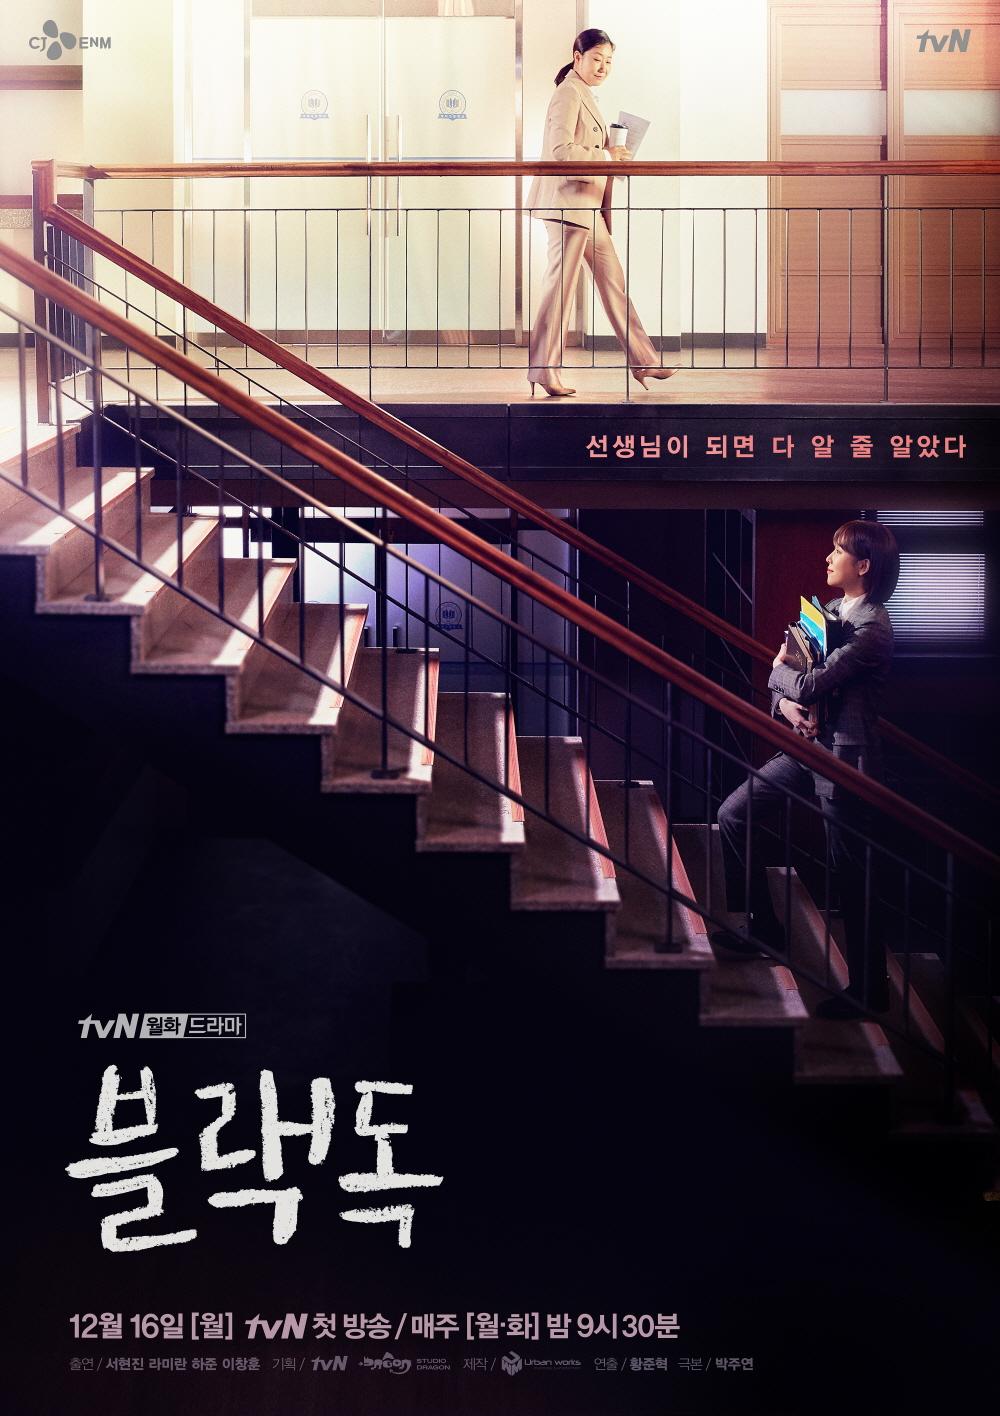 '유령을 잡아라' 후속 '블랙독', 서현진-라미란 워맨스로 월화드라마 1위 차지할까